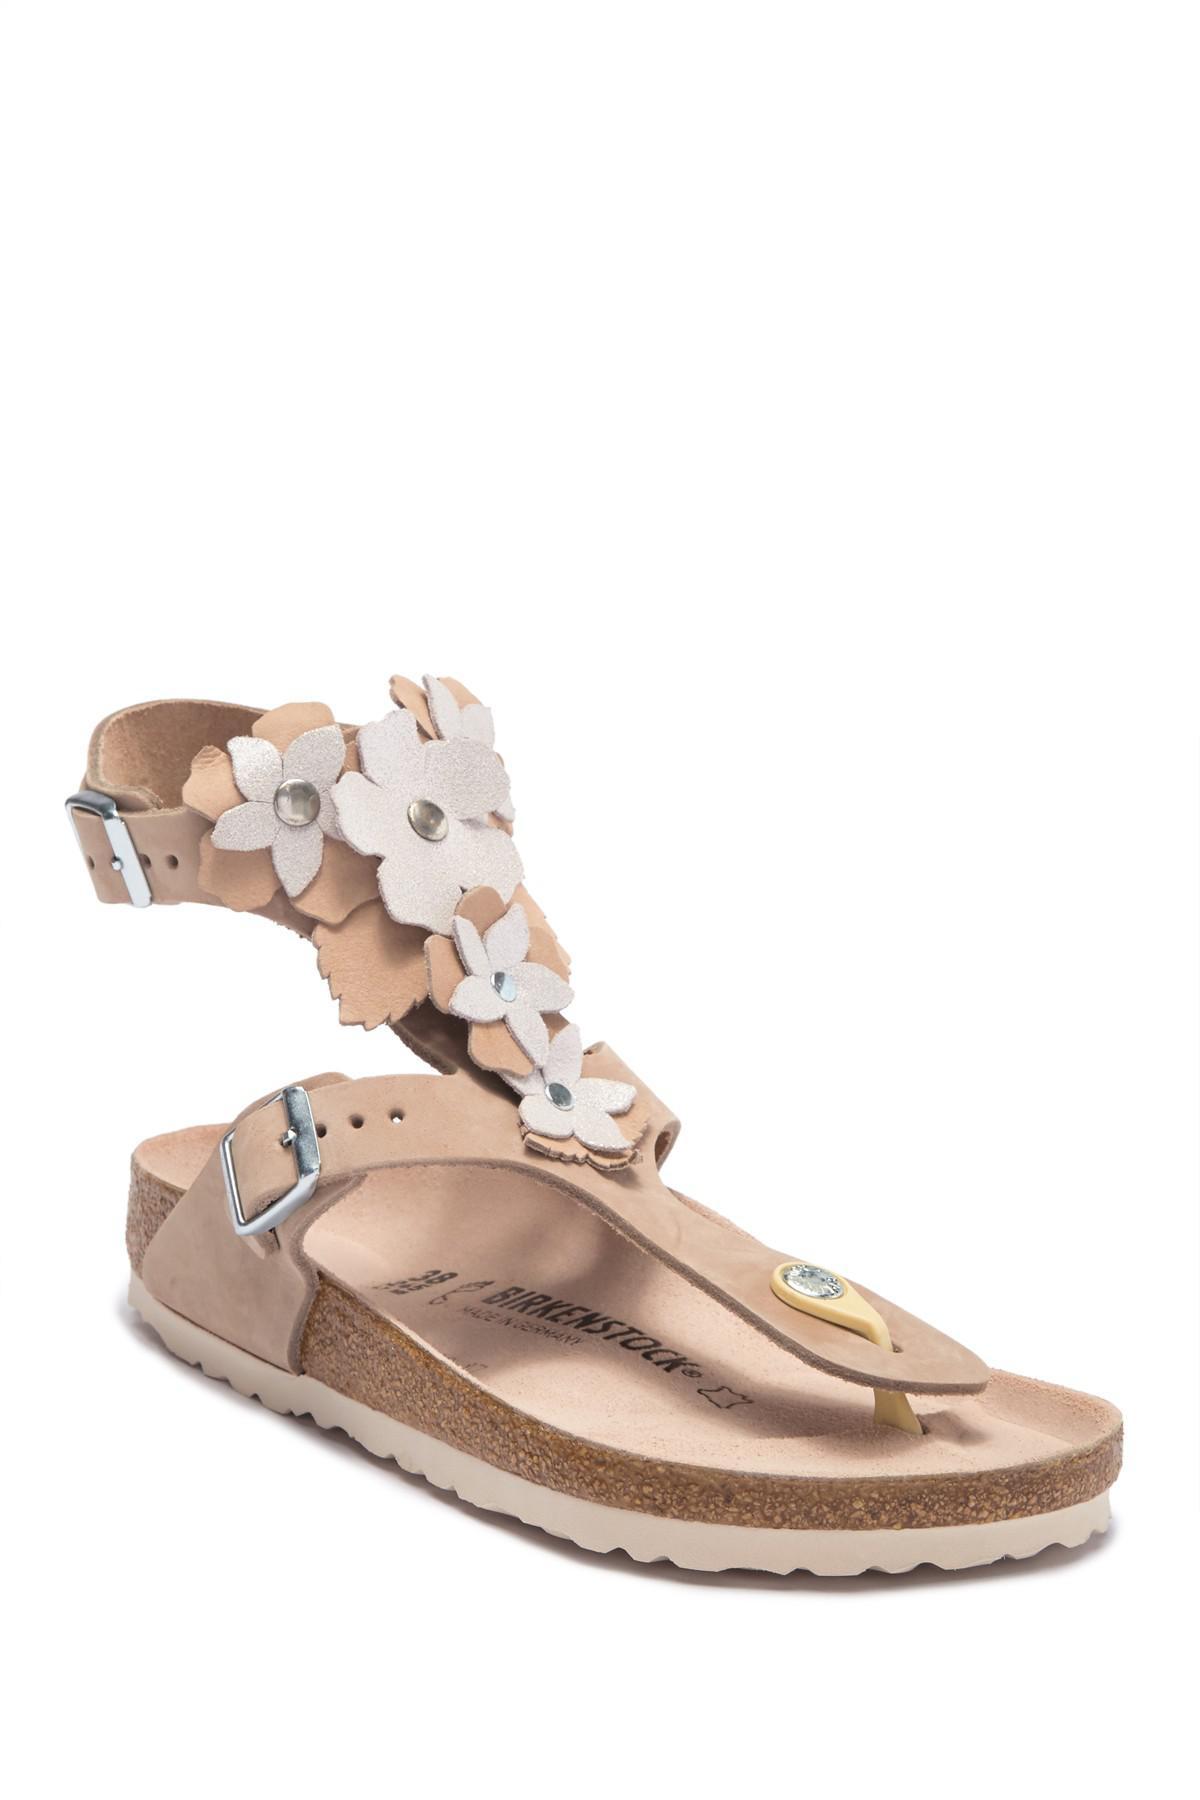 61315714298 Lyst - Birkenstock Gizeh Lux Leather Flower   Fringe Sandal in Natural